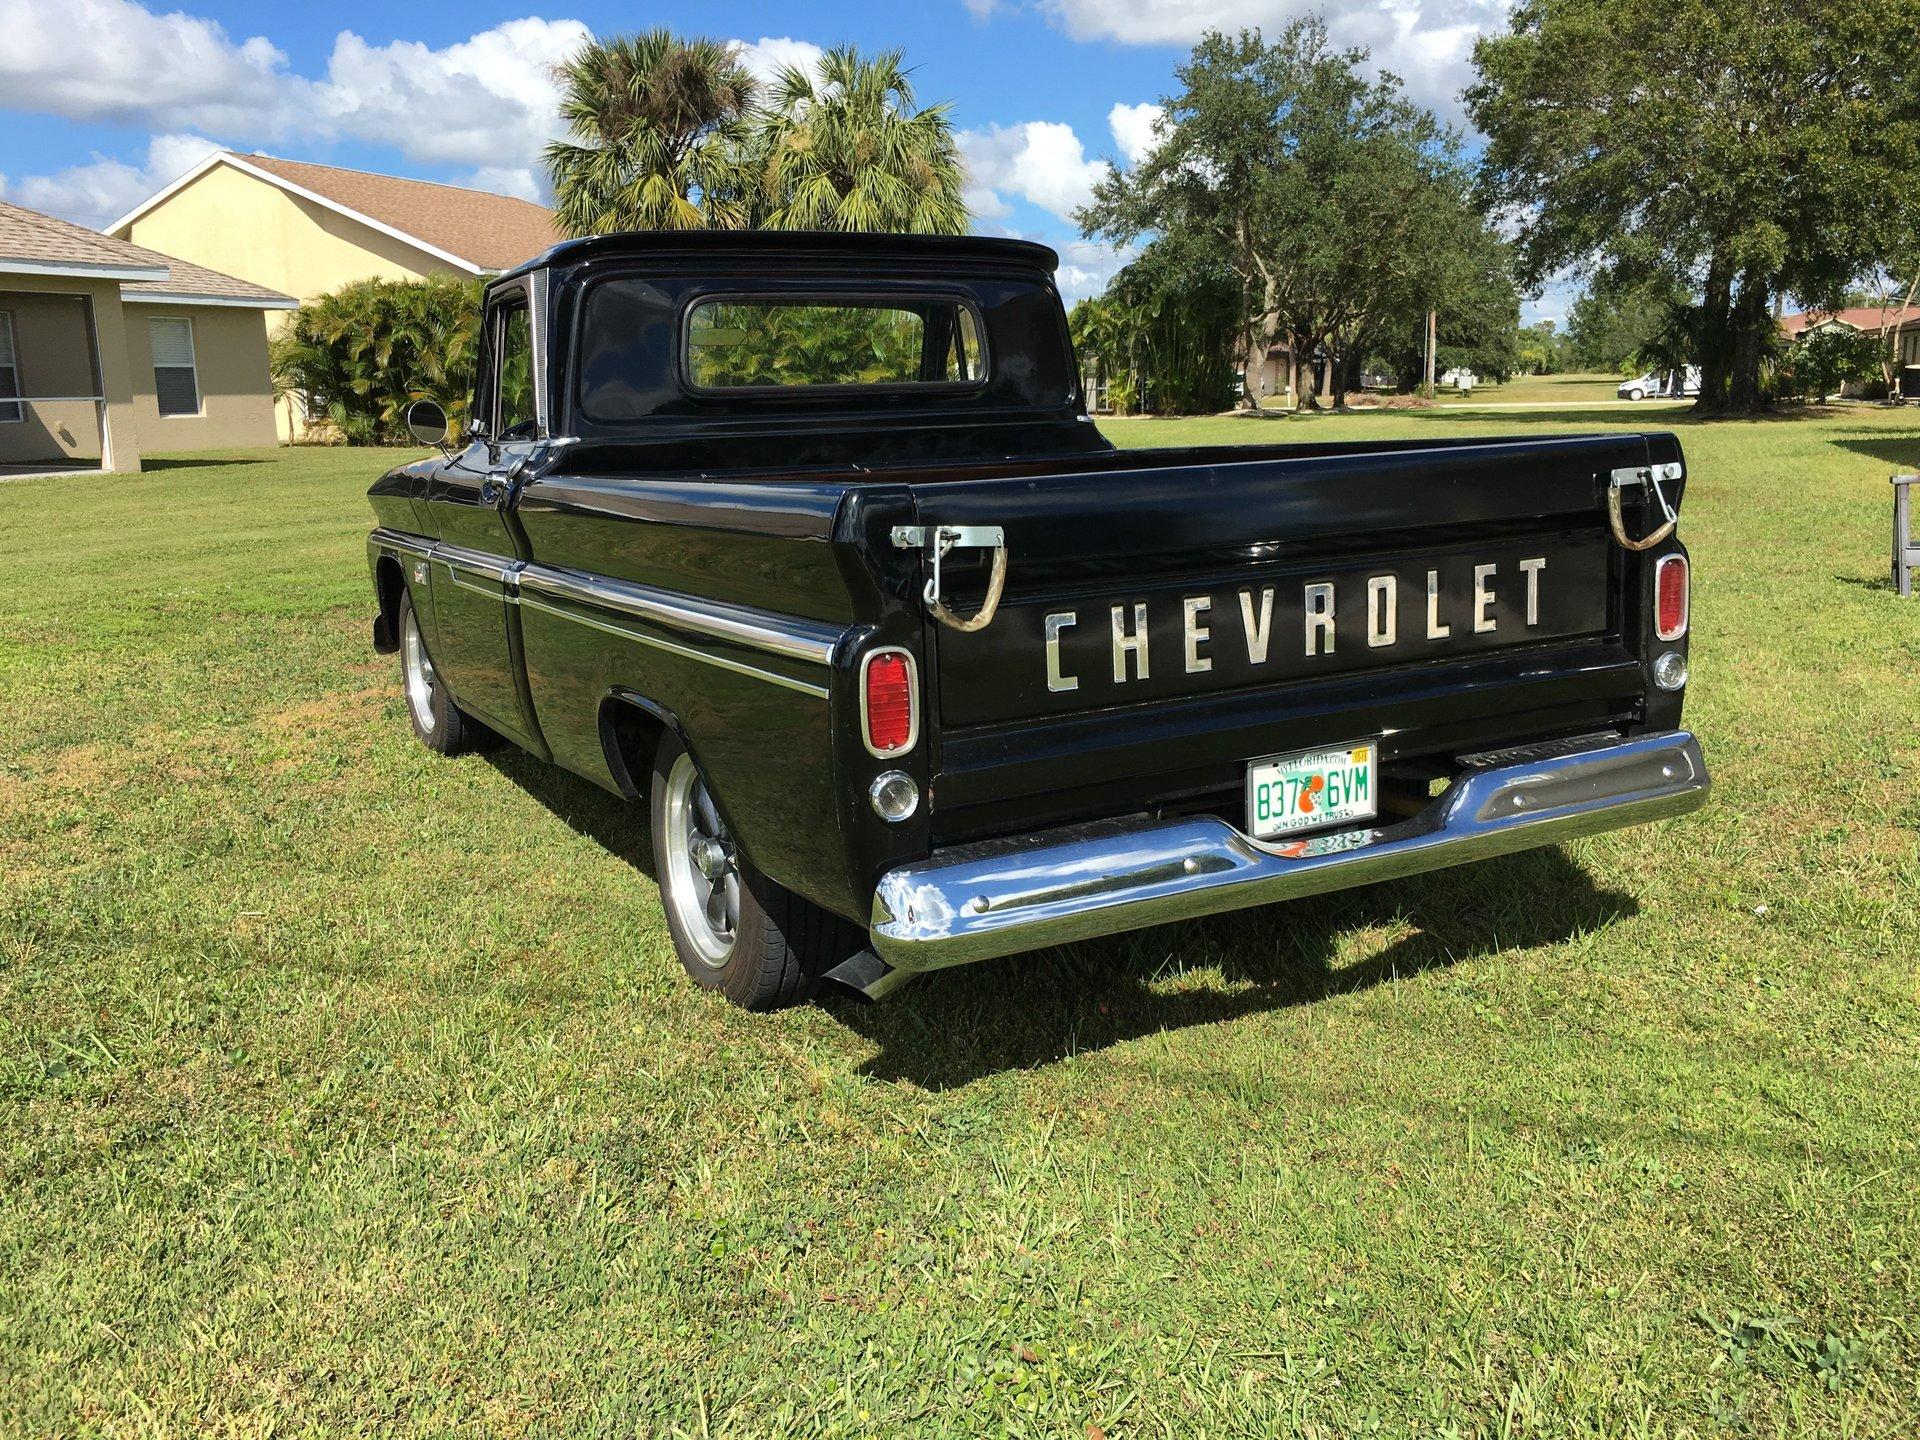 1966 Chevrolet C10 Premier Auction Pick Up Back Zoom Icon Description Specs And Options